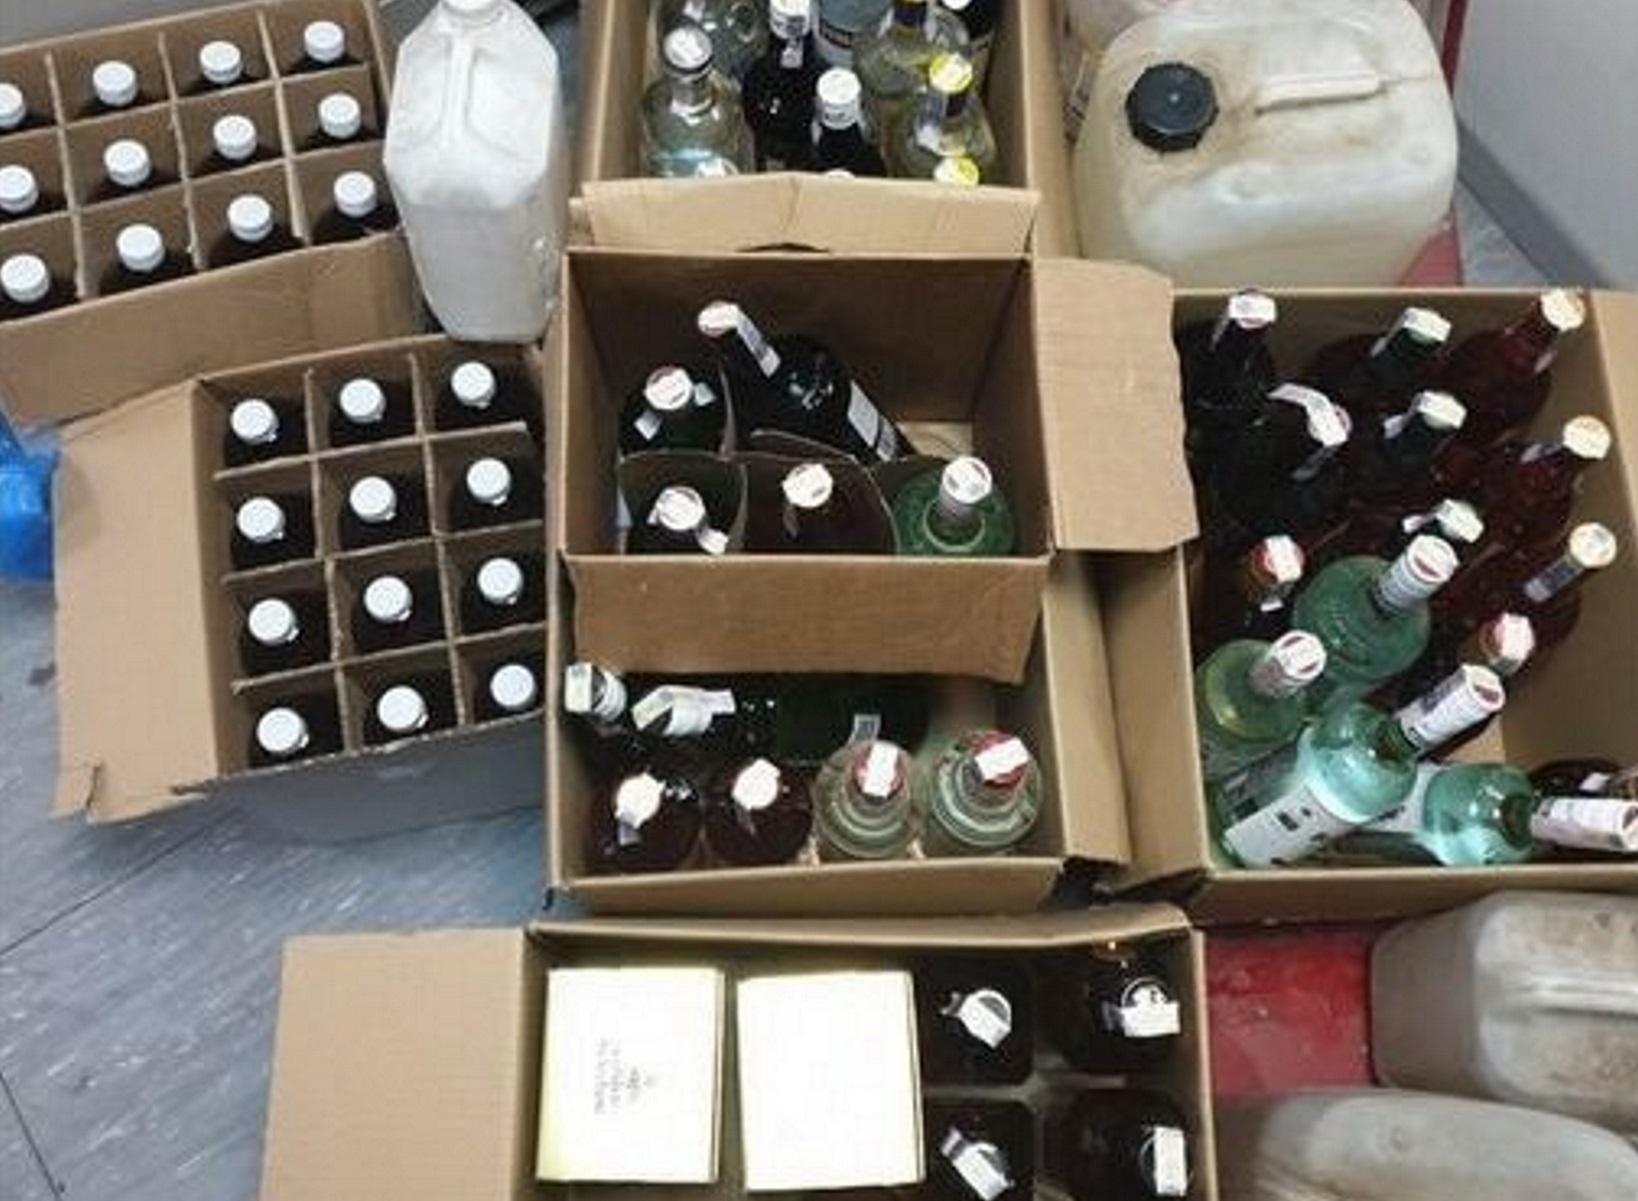 Εξαρθρώθηκε εγκληματική οργάνωση για λαθραία ποτά – Κατασχέθηκαν πάνω από 4.600 μπουκάλια